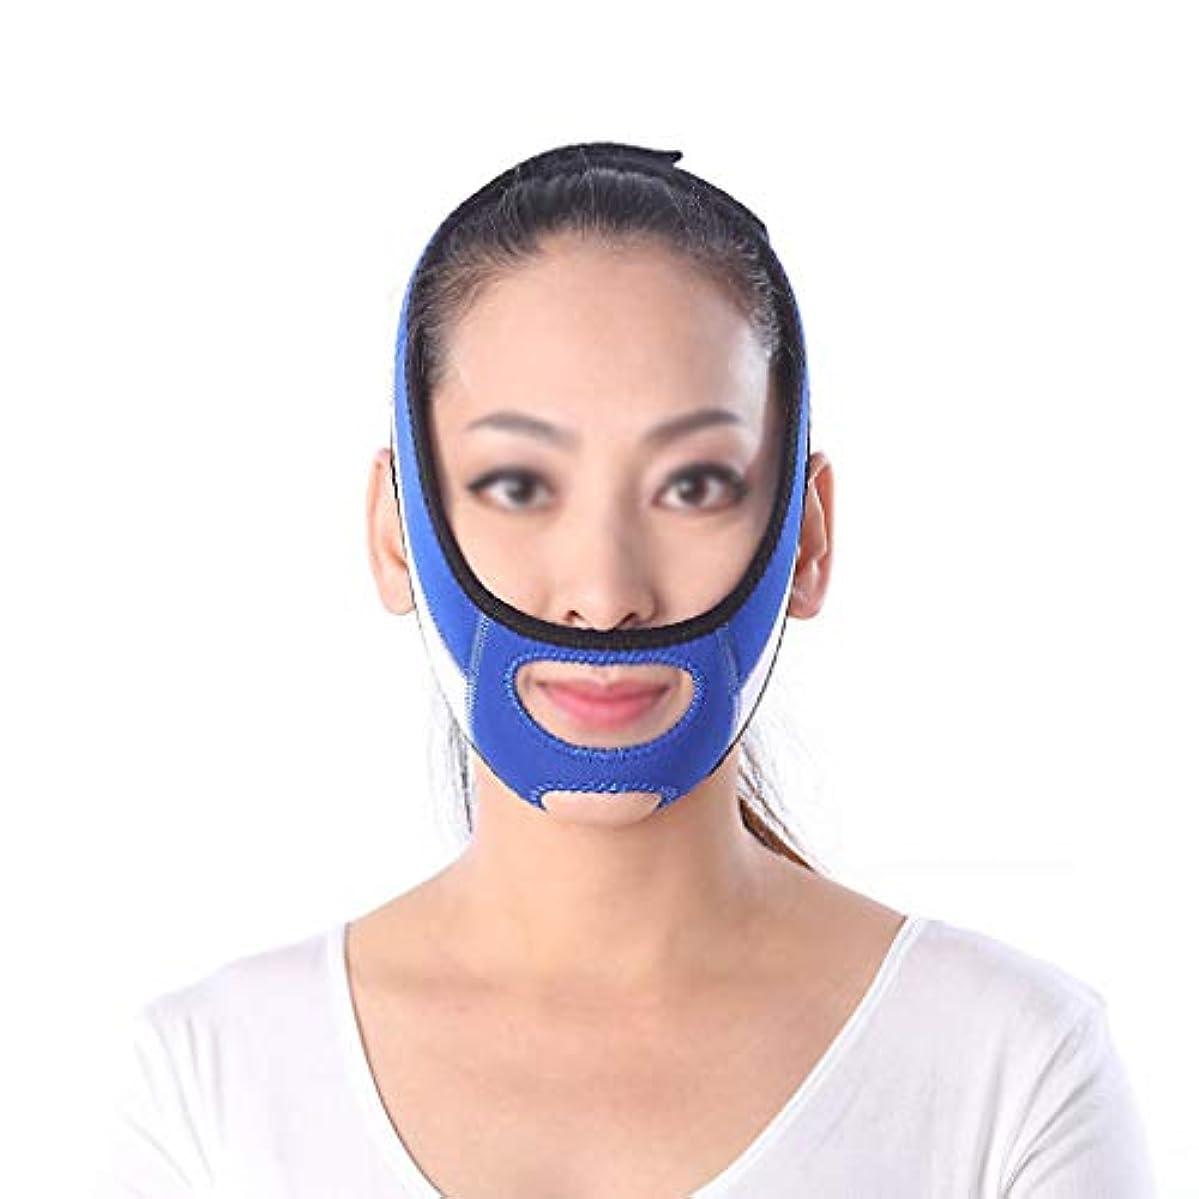 変える代数ロッカーフェイスリフティング包帯、フェイスリフティングマスク、フェイスリフティング器具、二重あごケア減量、フェイシャルリフティングストラップ(フリーサイズ、ブルー)